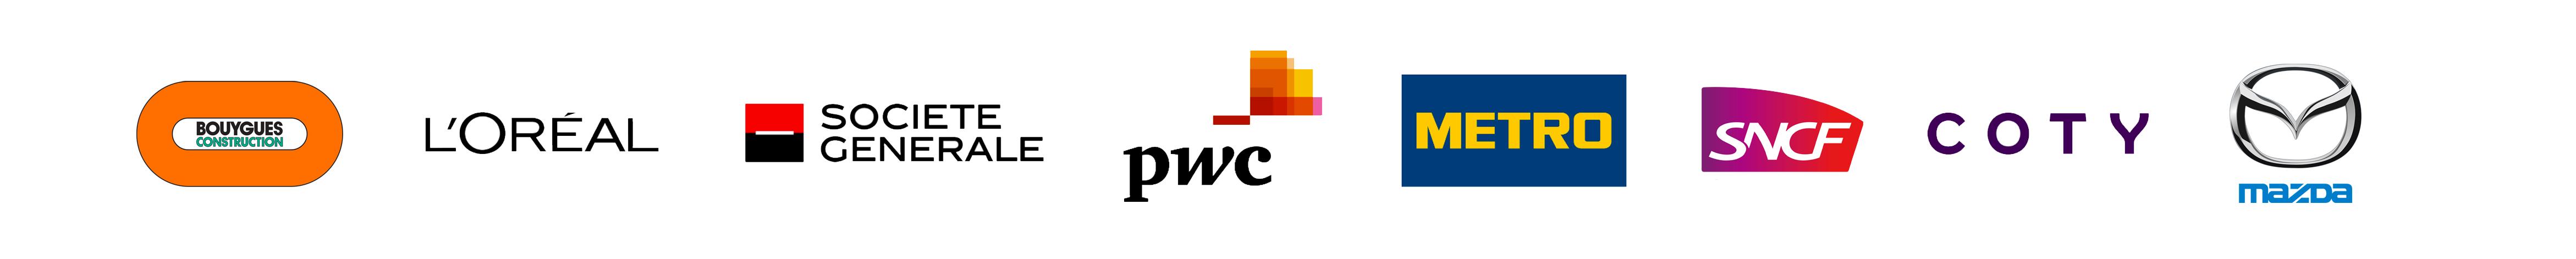 Bannière logos clients WeChamp page d'accueil